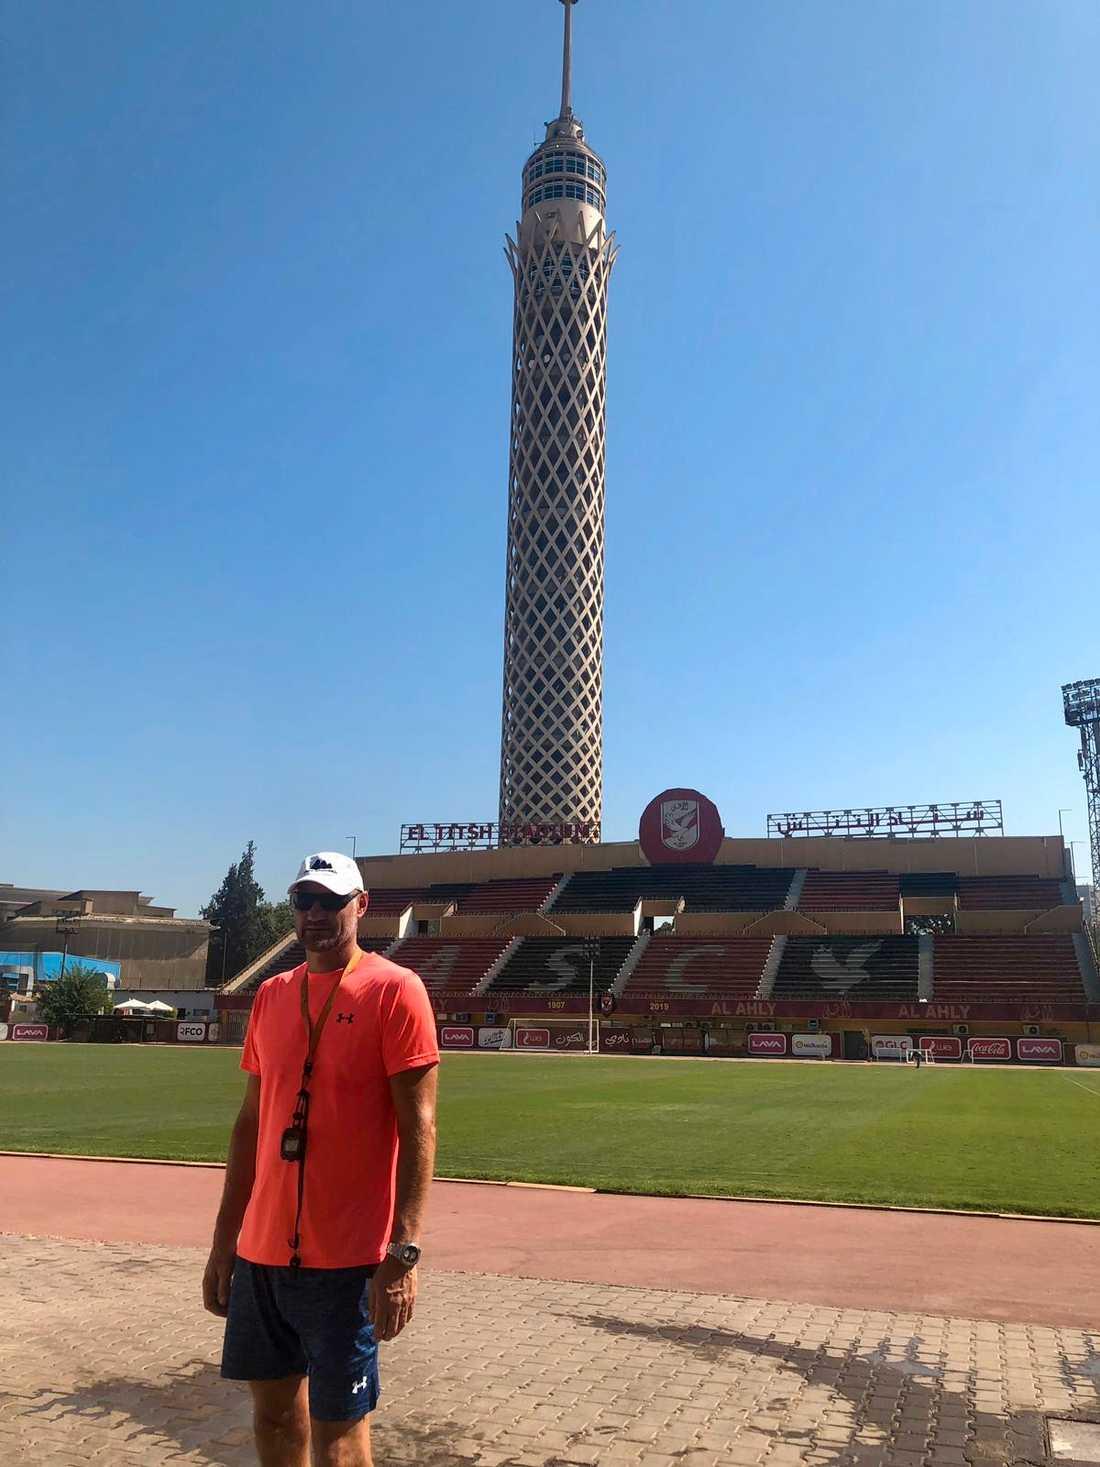 Al Ahly är Afrikas största idrottsklubb.